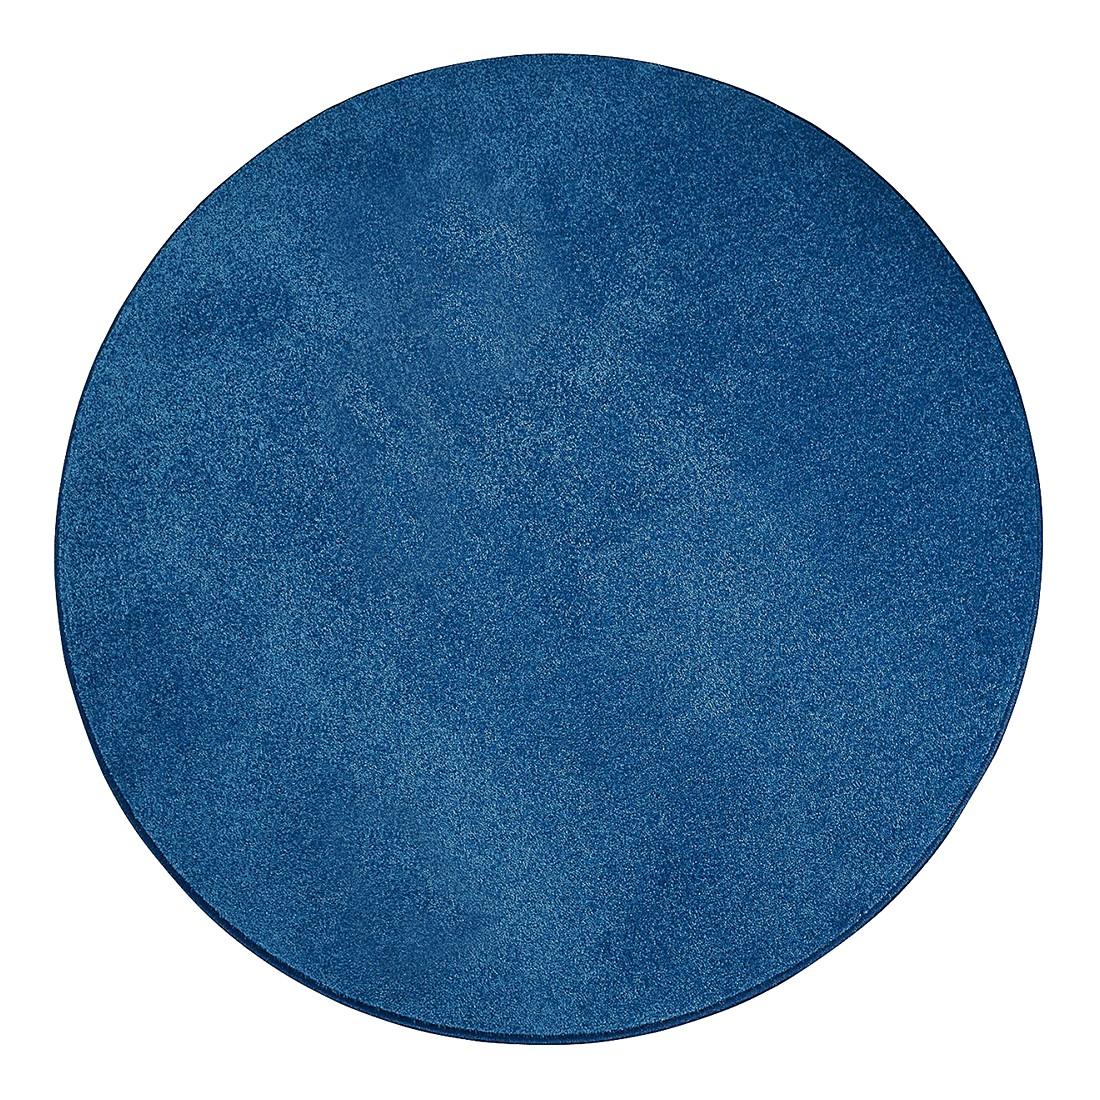 Teppich Burbon – Blau – Durchmesser: 160 cm, Testil online kaufen